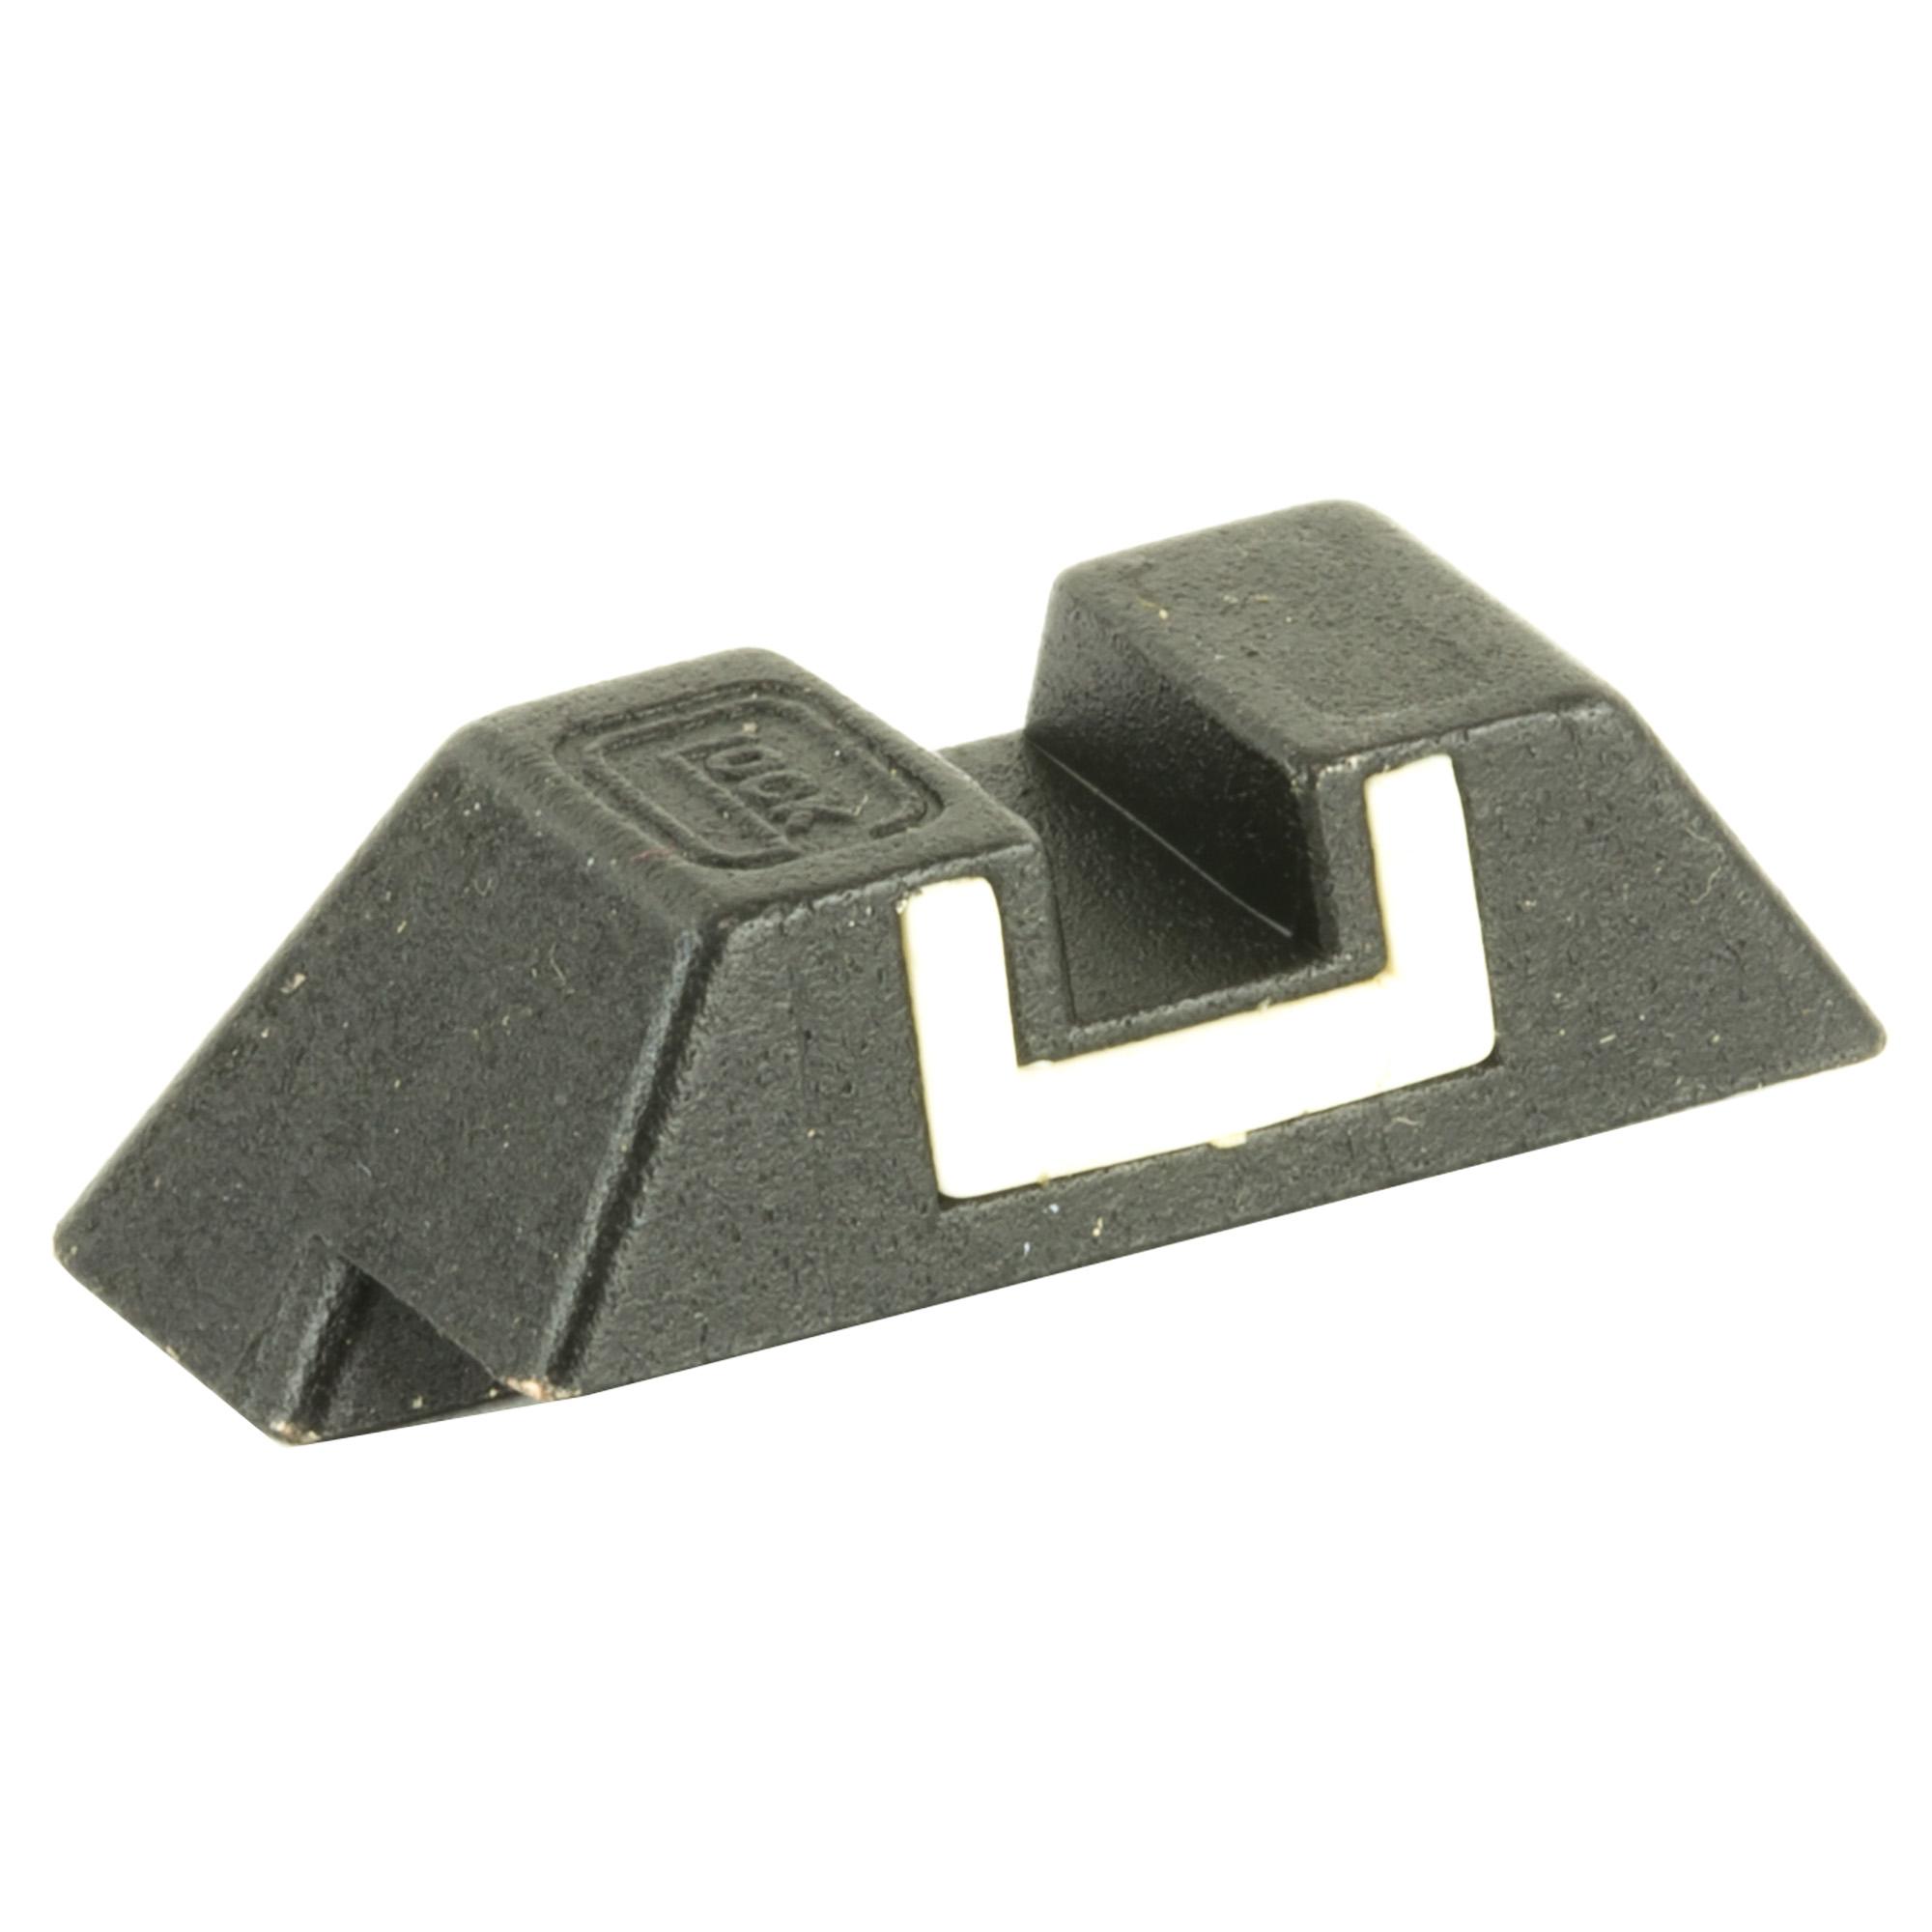 Glock Oem Fxd Rear Sight 7.3mm Steel